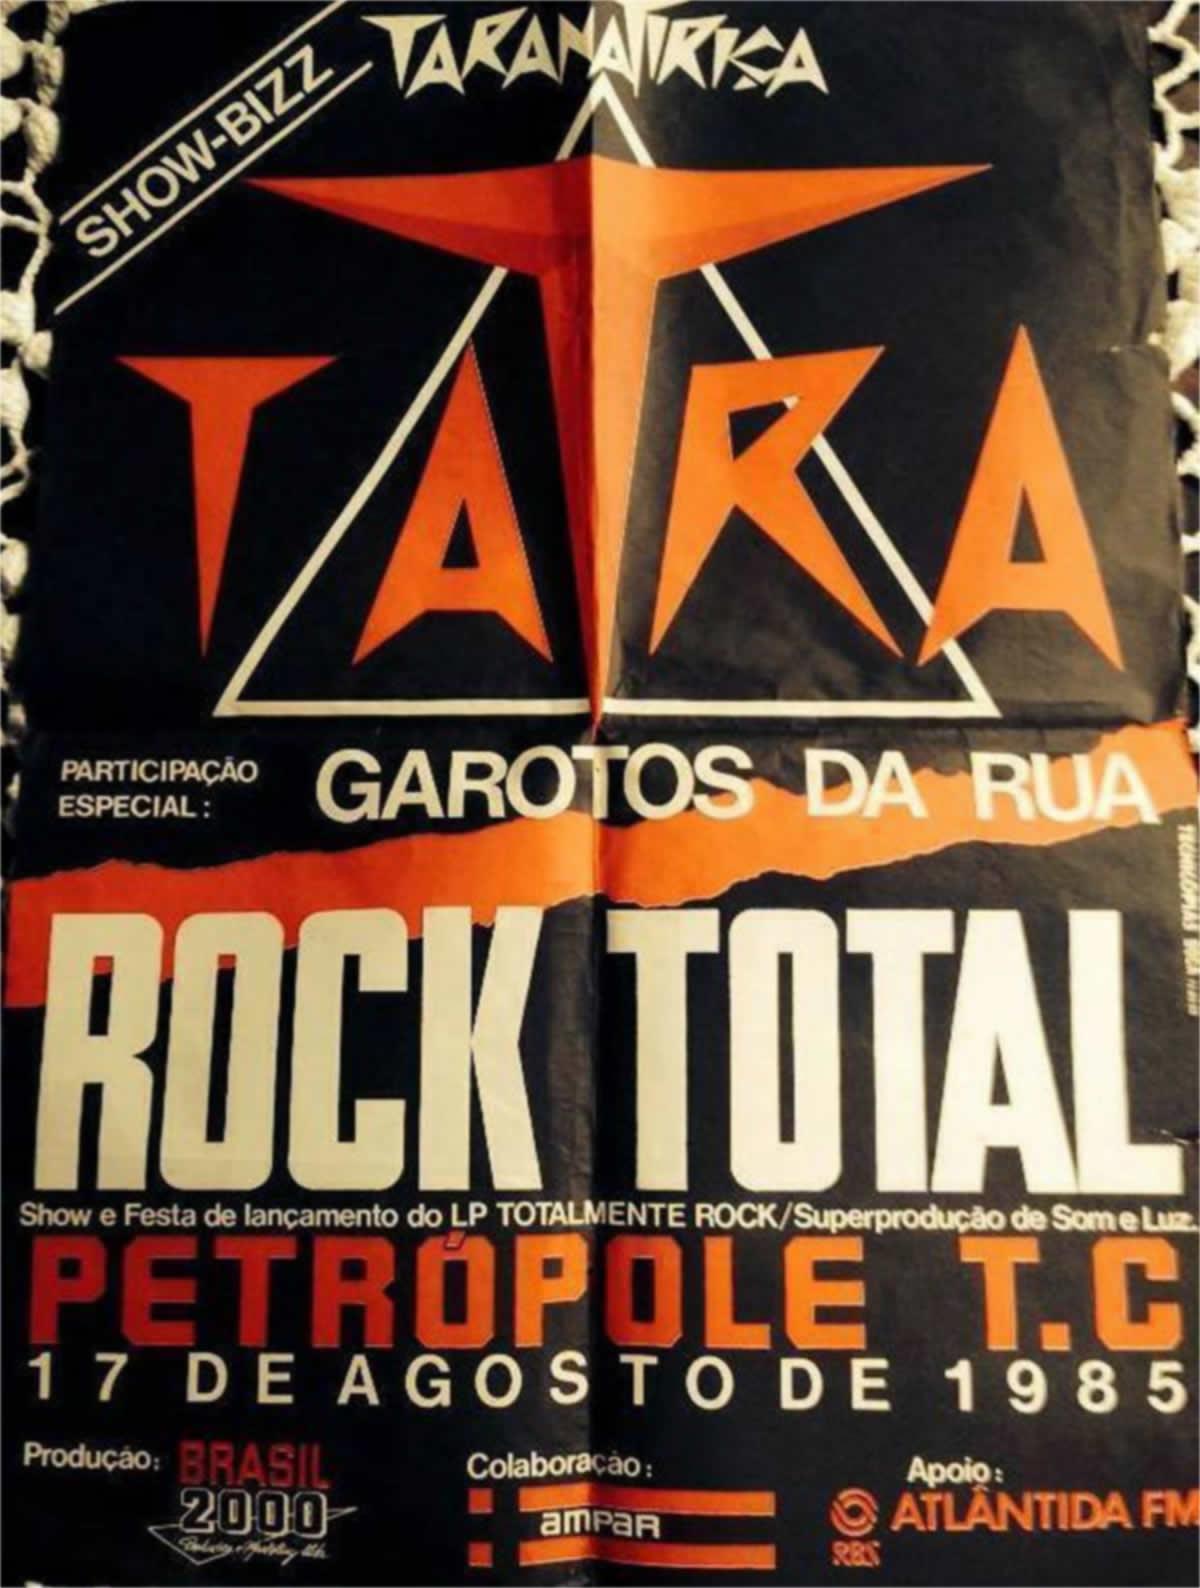 [ACERVO] Poster, lançamento 'Totalmente Rock', Taranatiriça